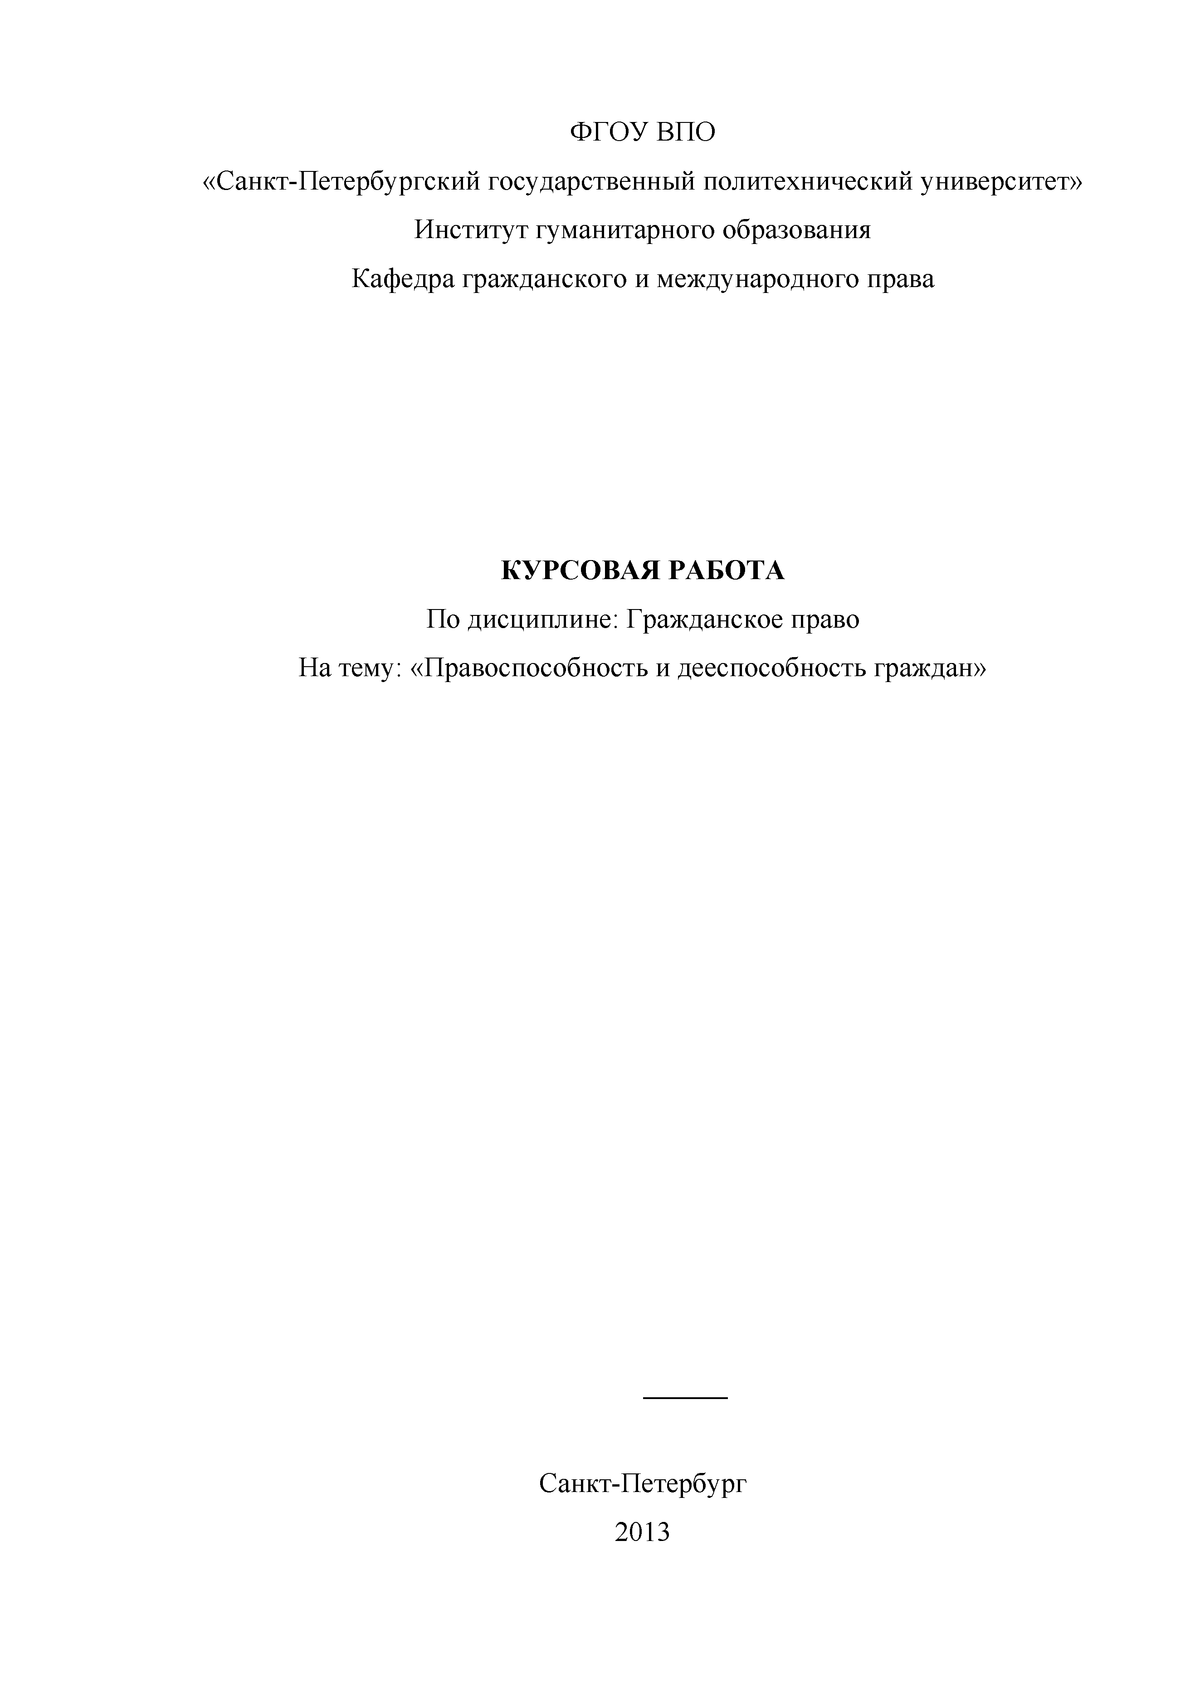 Правоспособность и дееспособность гражданина реферат 8603